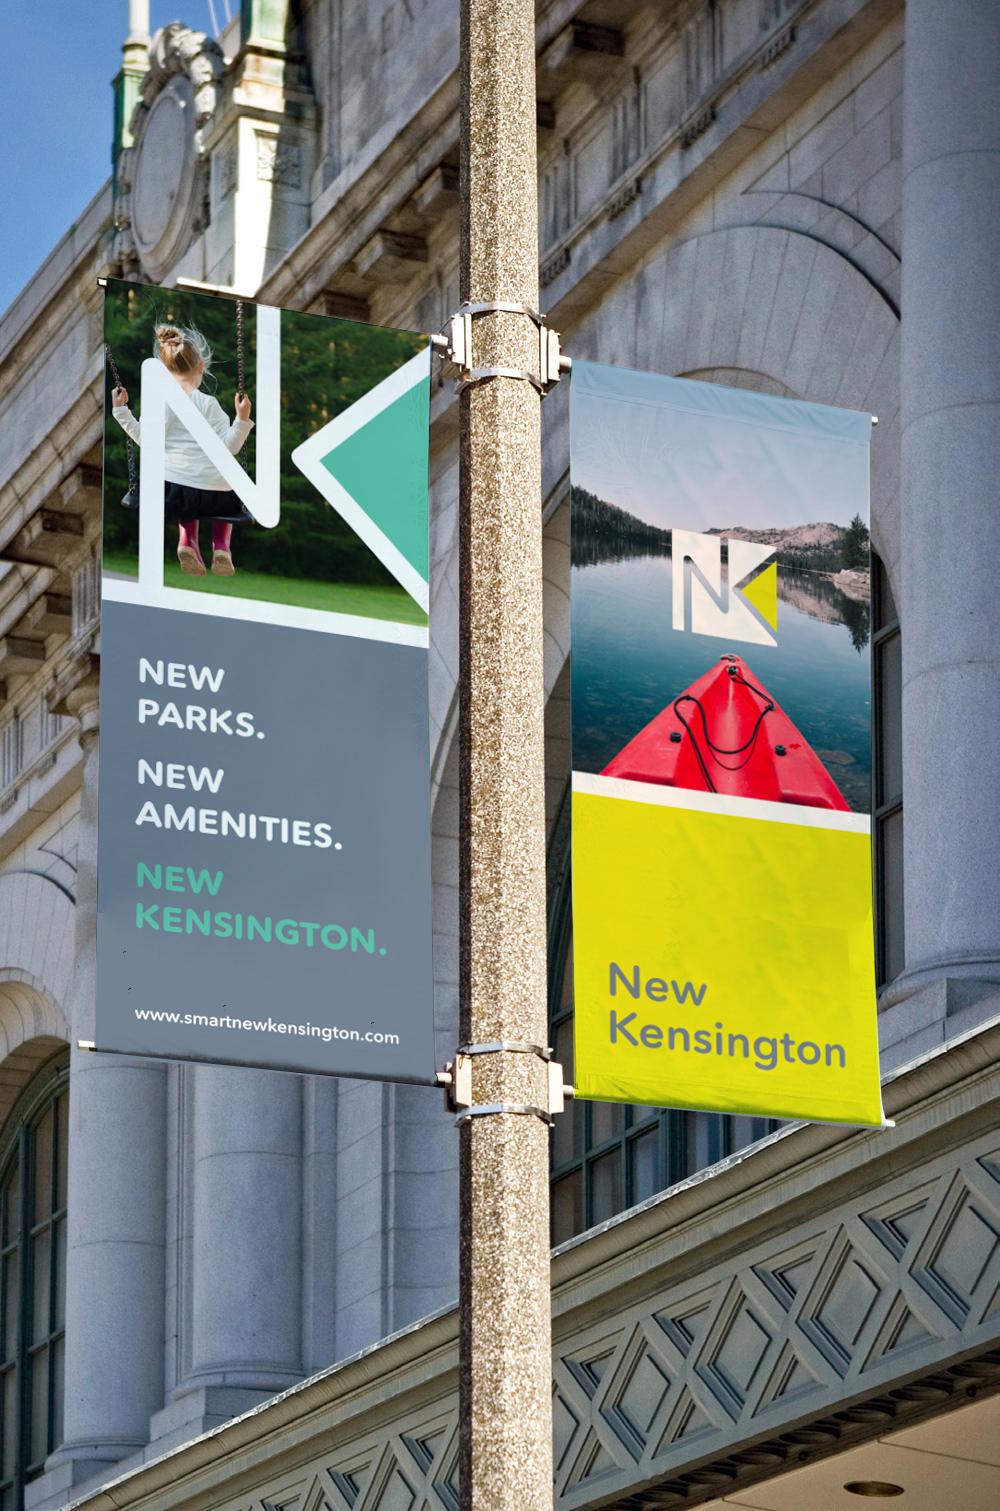 NewKen_Advertising_Banners_Concept2.jpg